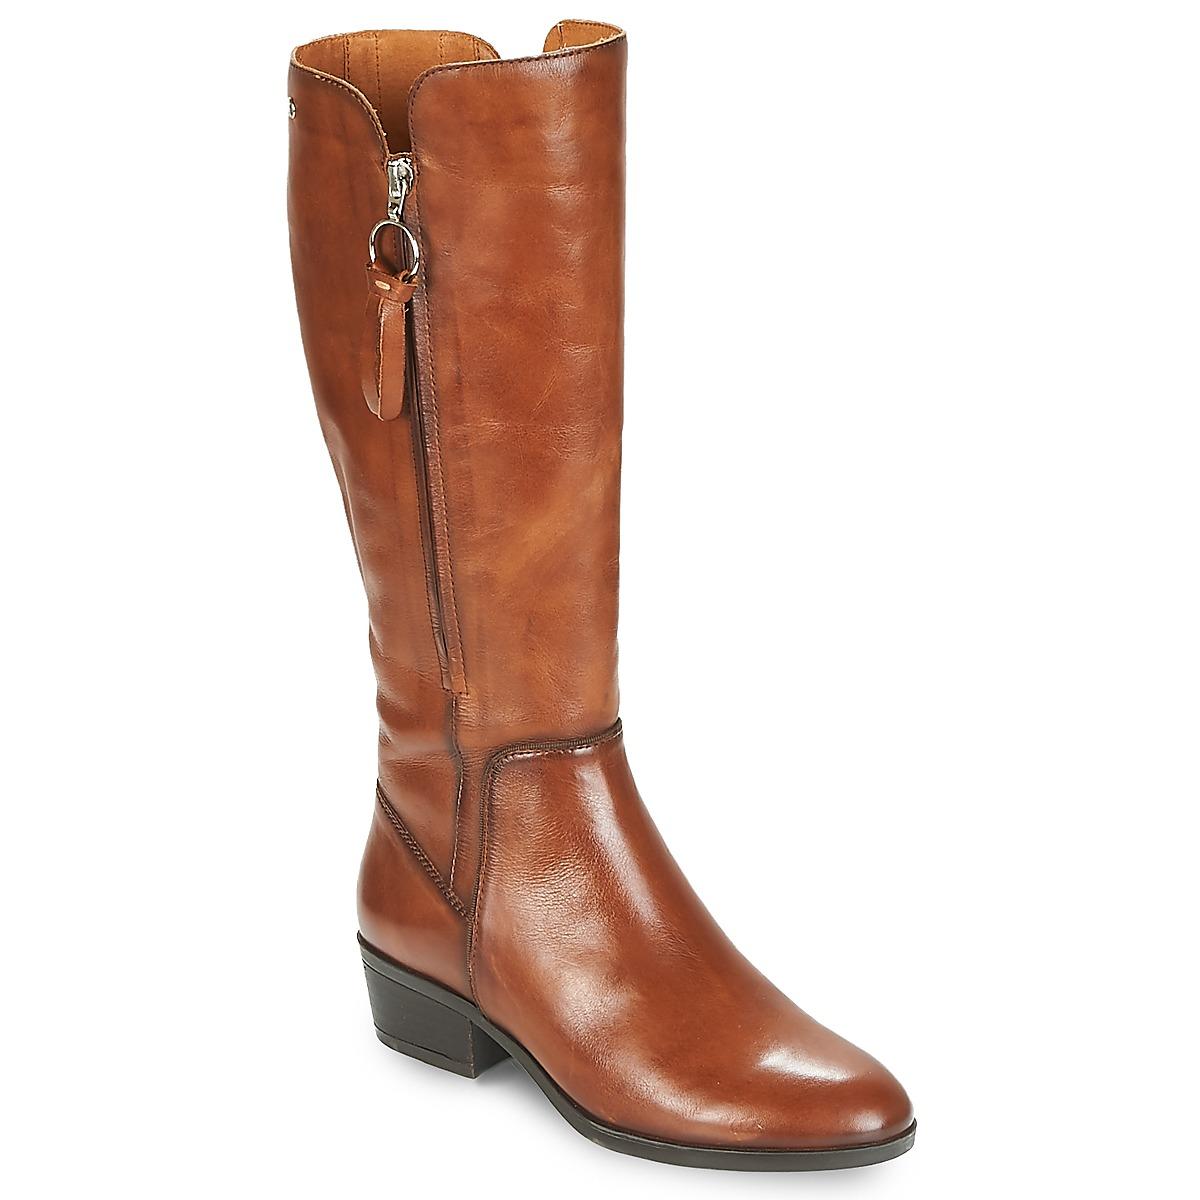 Pikolinos DAROCA W1U Camel - Kostenloser Versand bei Spartoode ! - Schuhe Klassische Stiefel Damen 169,00 €